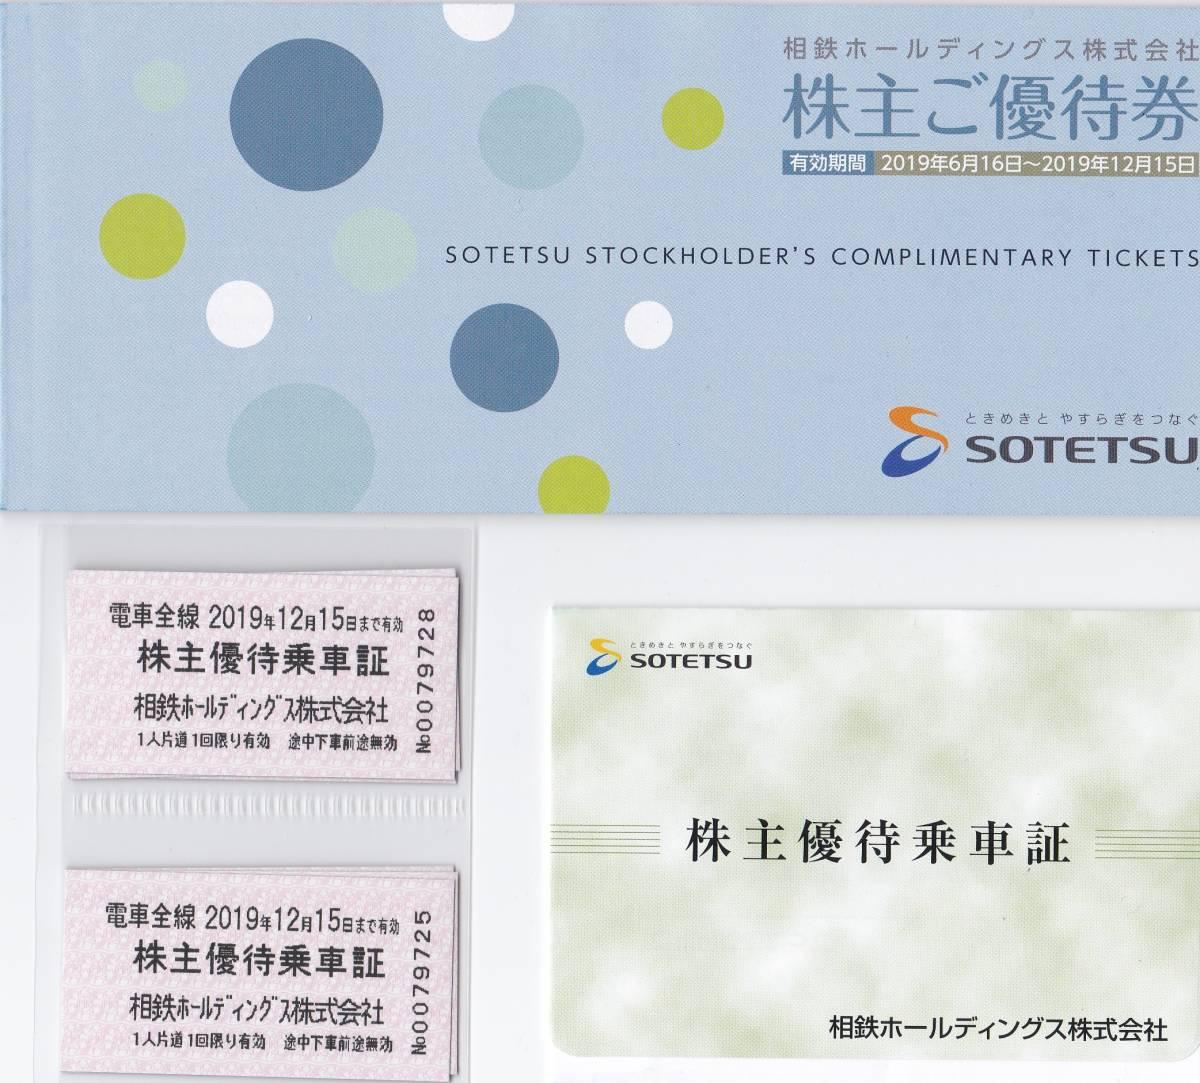 相鉄ホールディングス株主優待券・乗車証6枚てす。